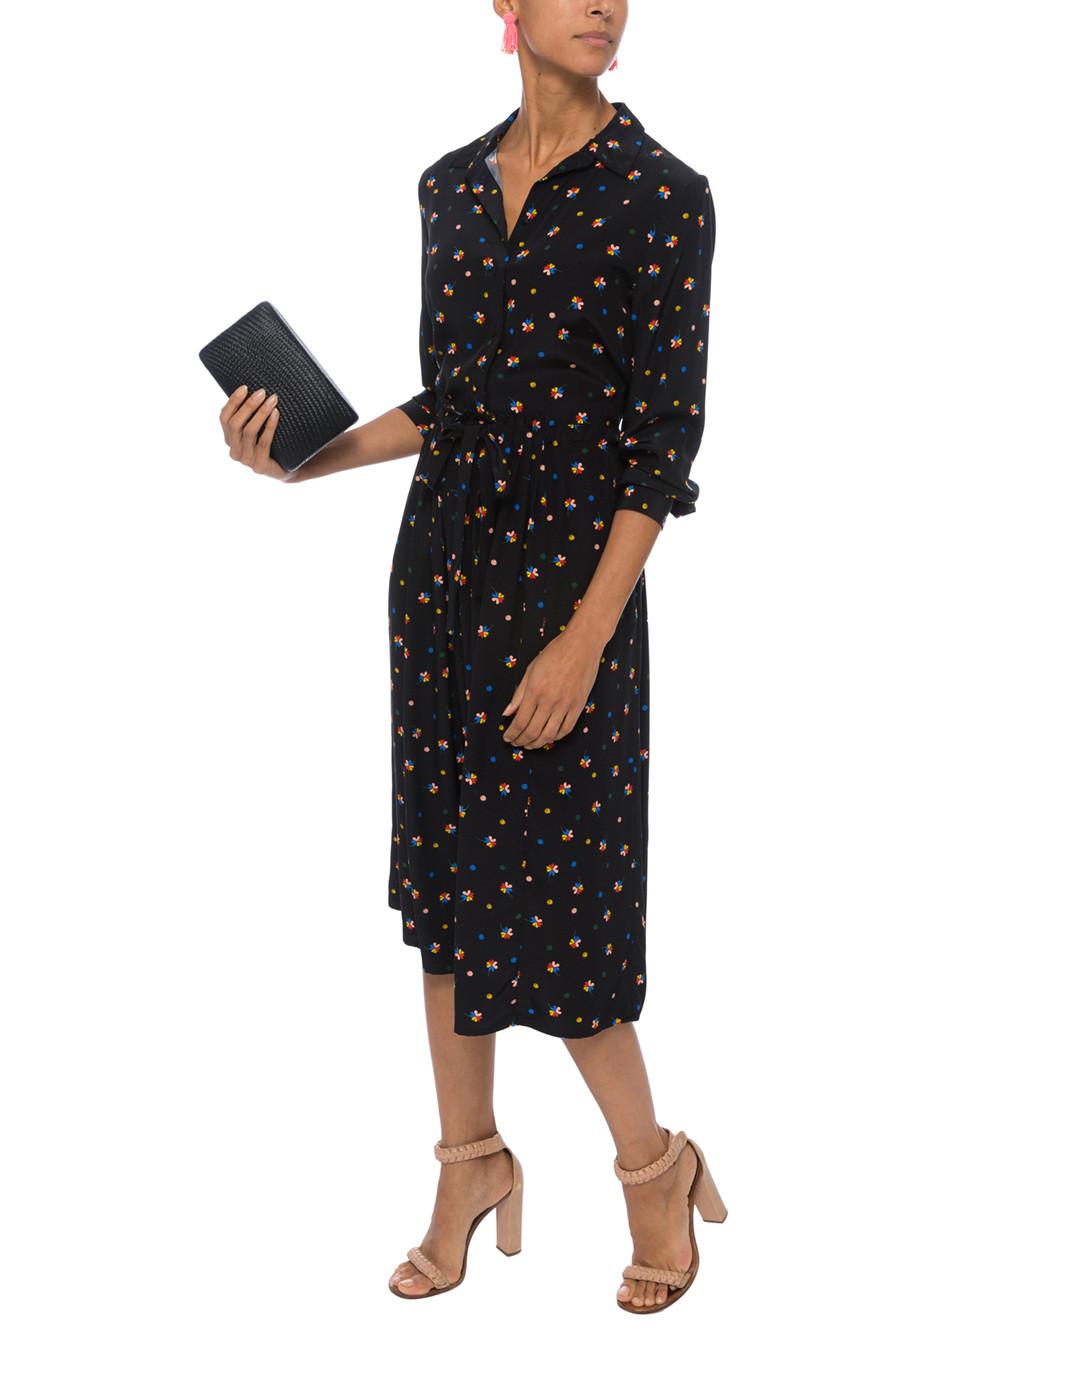 Lucky Clover Black Silk Shirt Dress Chinti And Parker Halsbrook